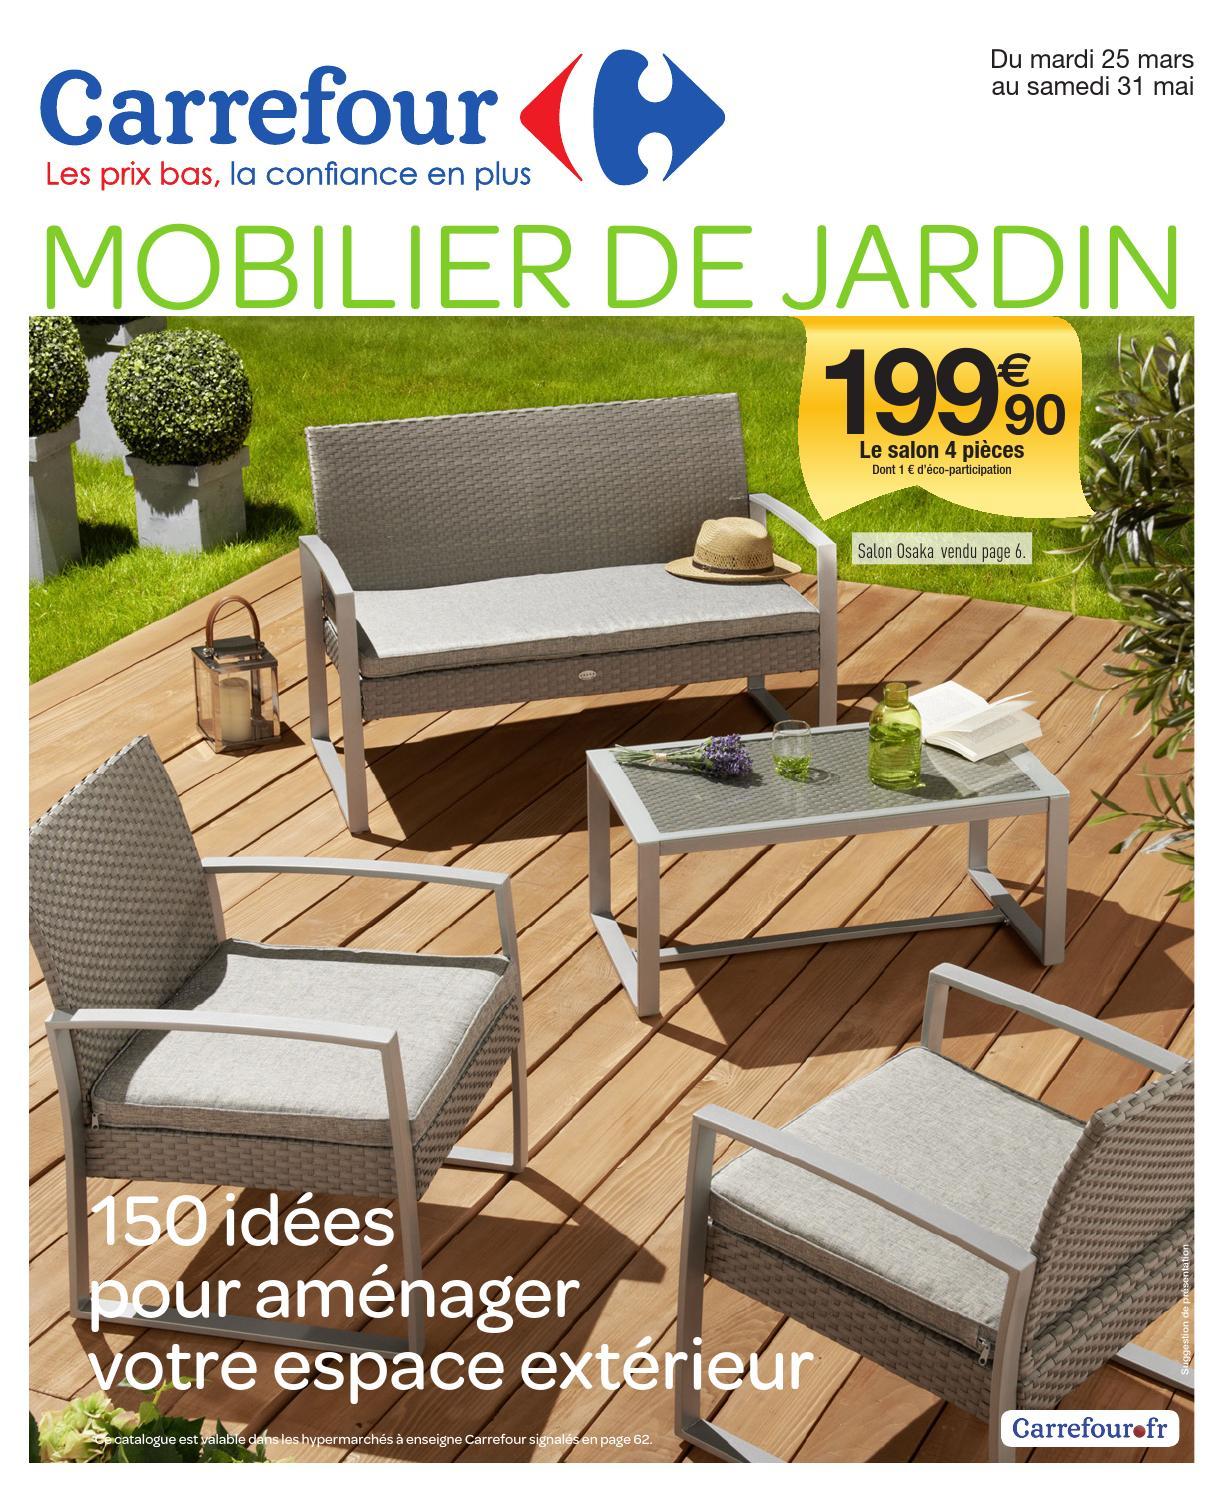 Soldes Mobilier De Jardin - Canalcncarauca concernant Solde Mobilier De Jardin